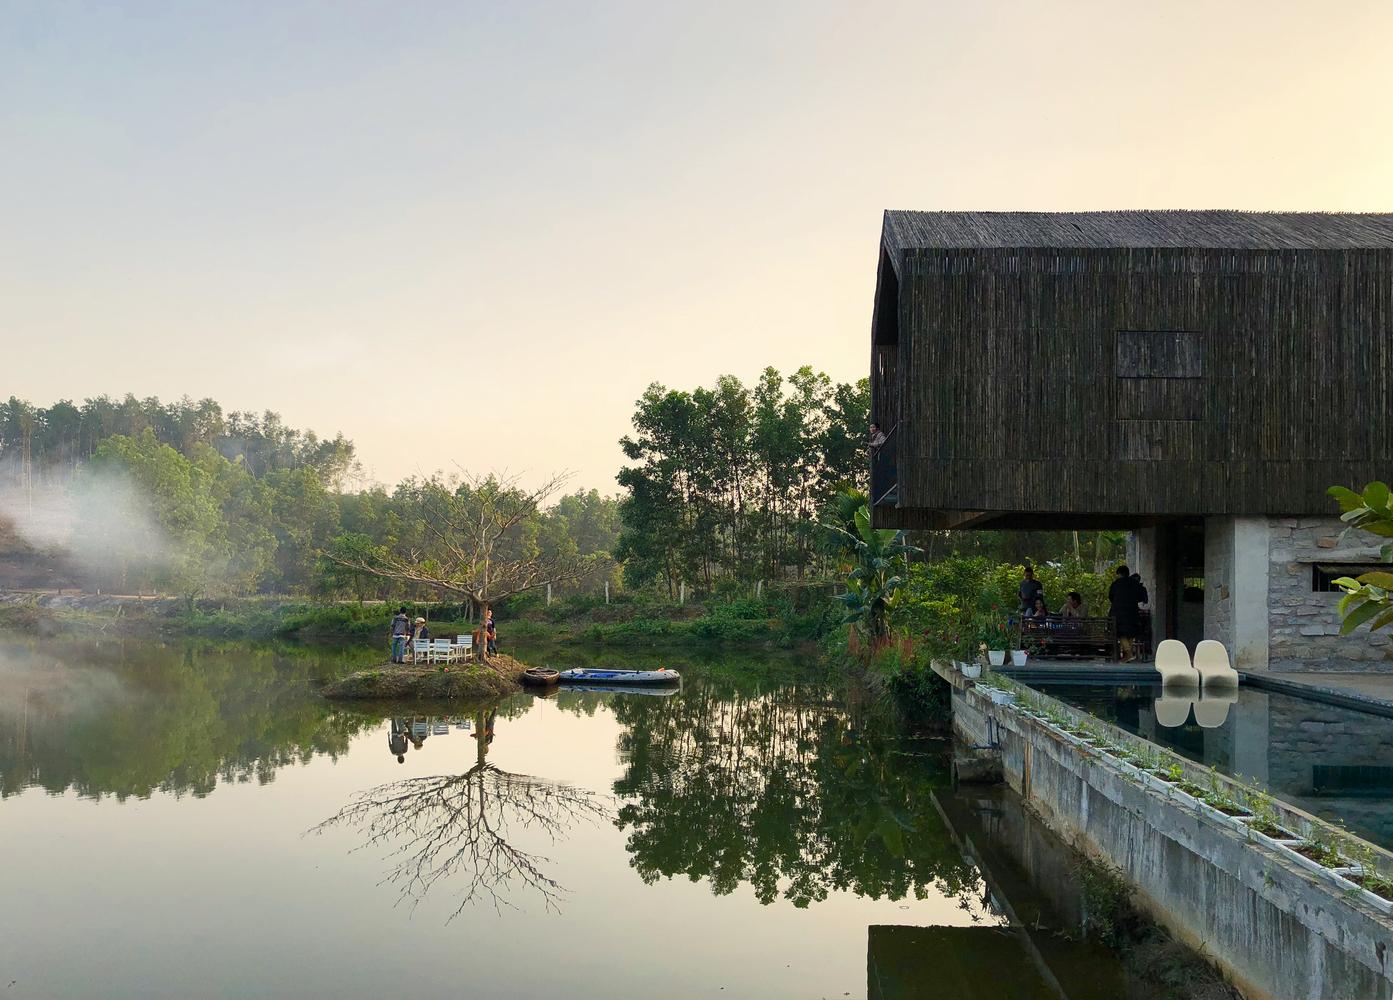 Ngôi nhà nằm bên sườn đồi, cạnh hồ nước